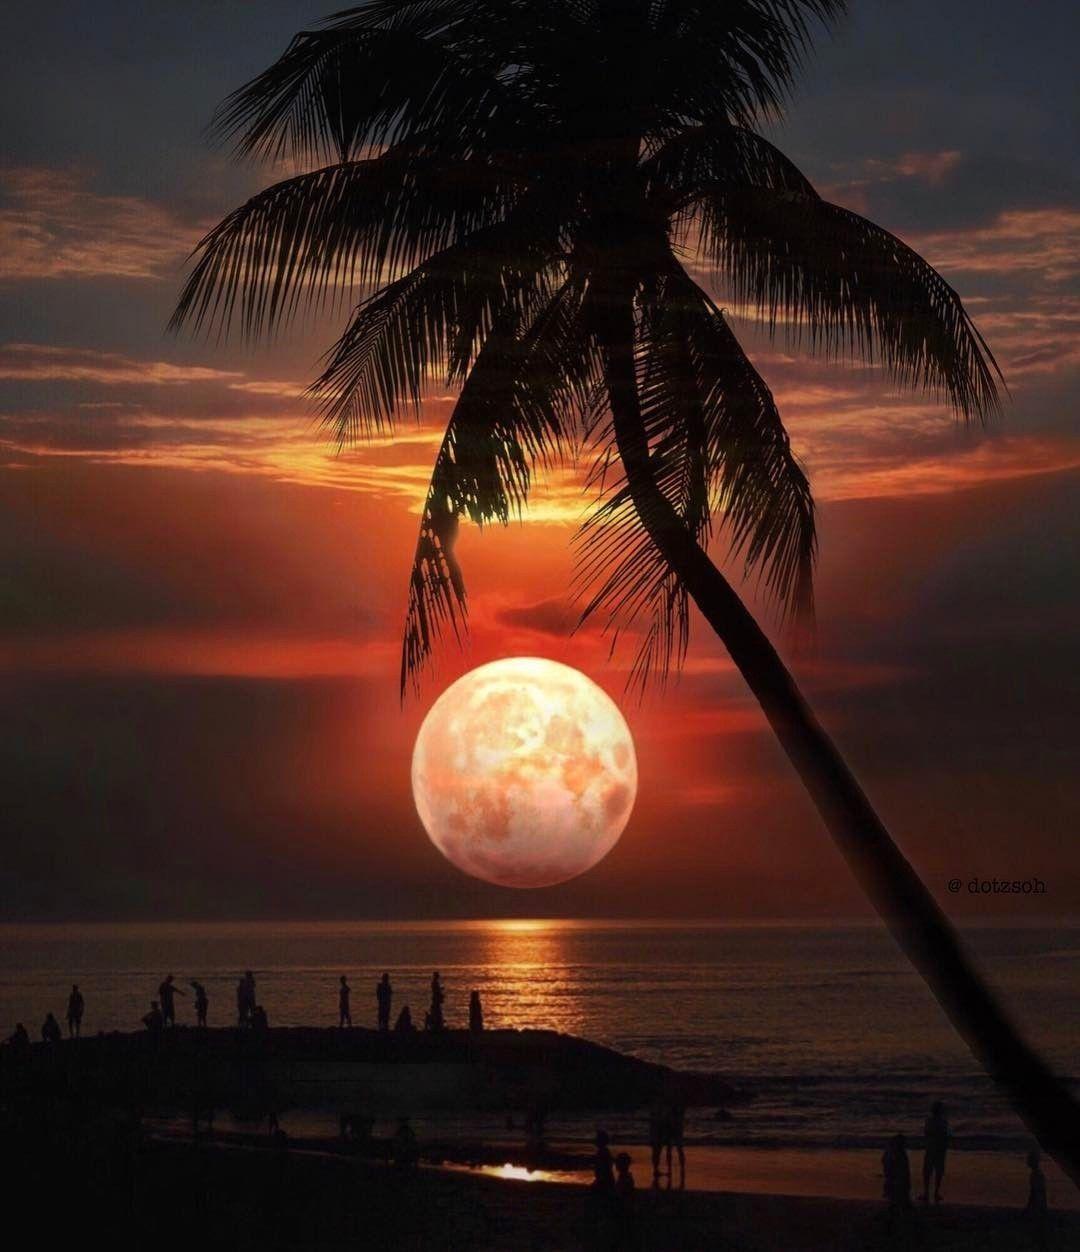 месте пляж и луна фото бабушки народ любопытный